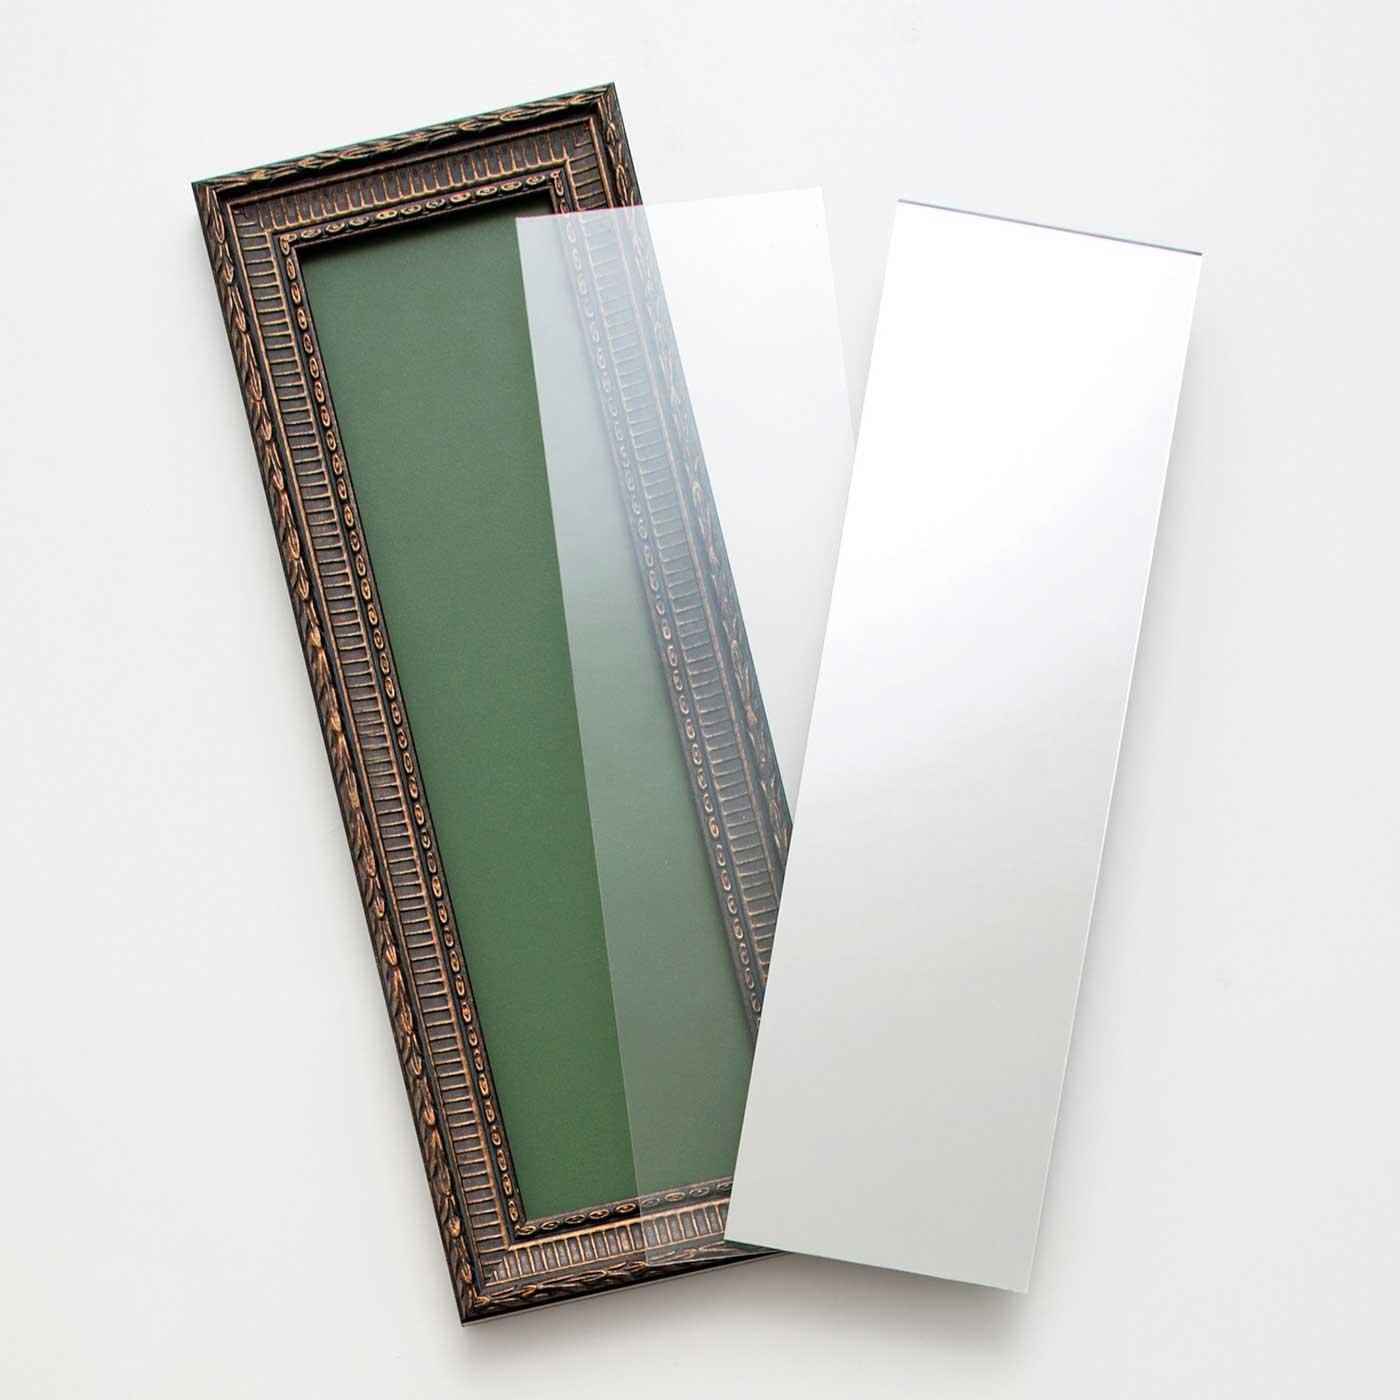 ●1回のお届けセット例です。透明窓付きでフレームとしても使用できます。